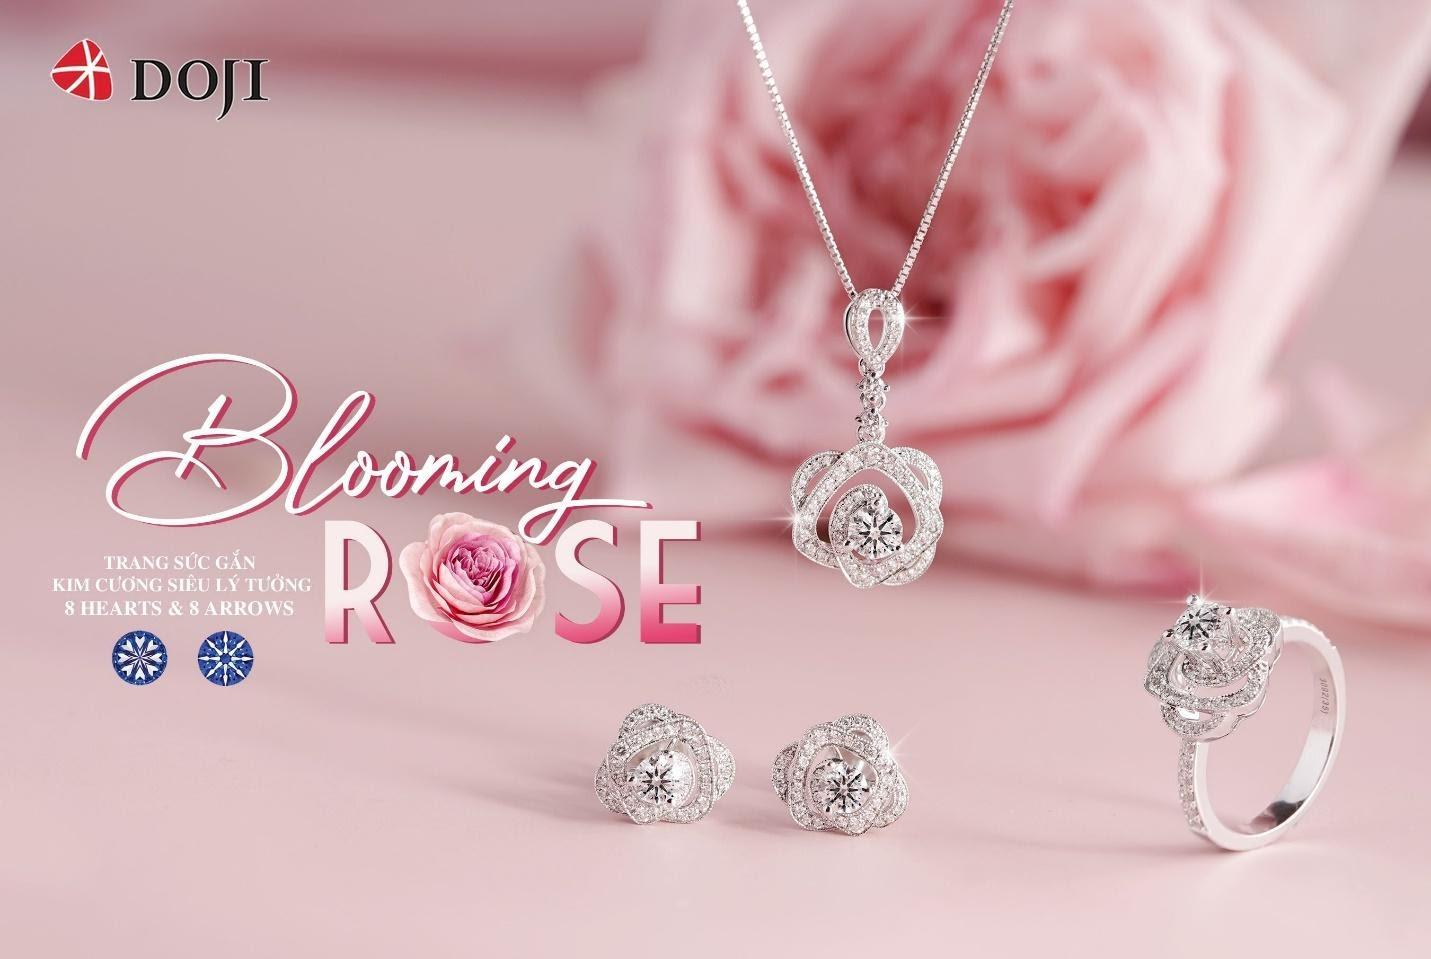 """Tái hiện những cánh hoa màu nhạt tạo thành một lớp bồng bềnh, nhẹ nhàng đầy thơ mộng bao phủ lấy những cánh hoa màu hồng đậm quyến rũ ở bên trong, Bộ sưu tập """"Blooming Rose"""" lấy cảm hứng từ đóa hồng Ohara xinh đẹp và kiều diễm"""